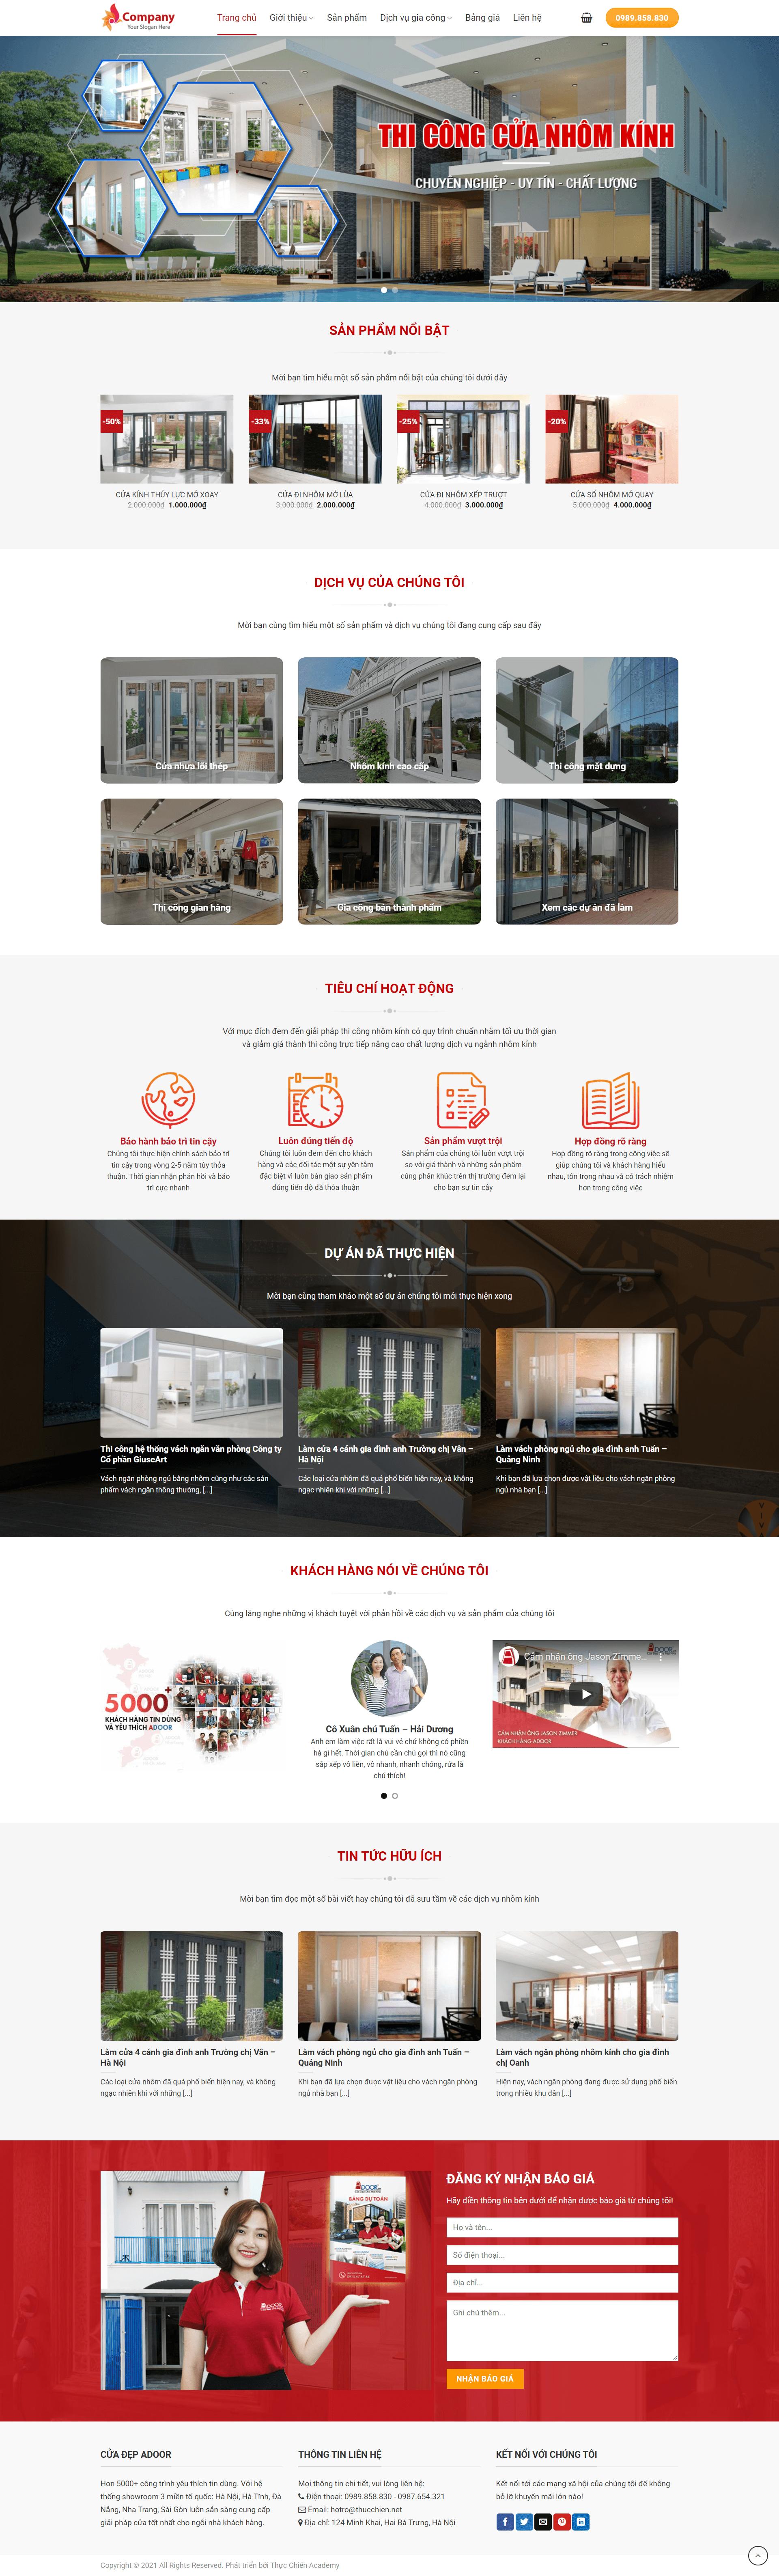 Mẫu website cho công ty cửa kính, nhôm – Flatsome